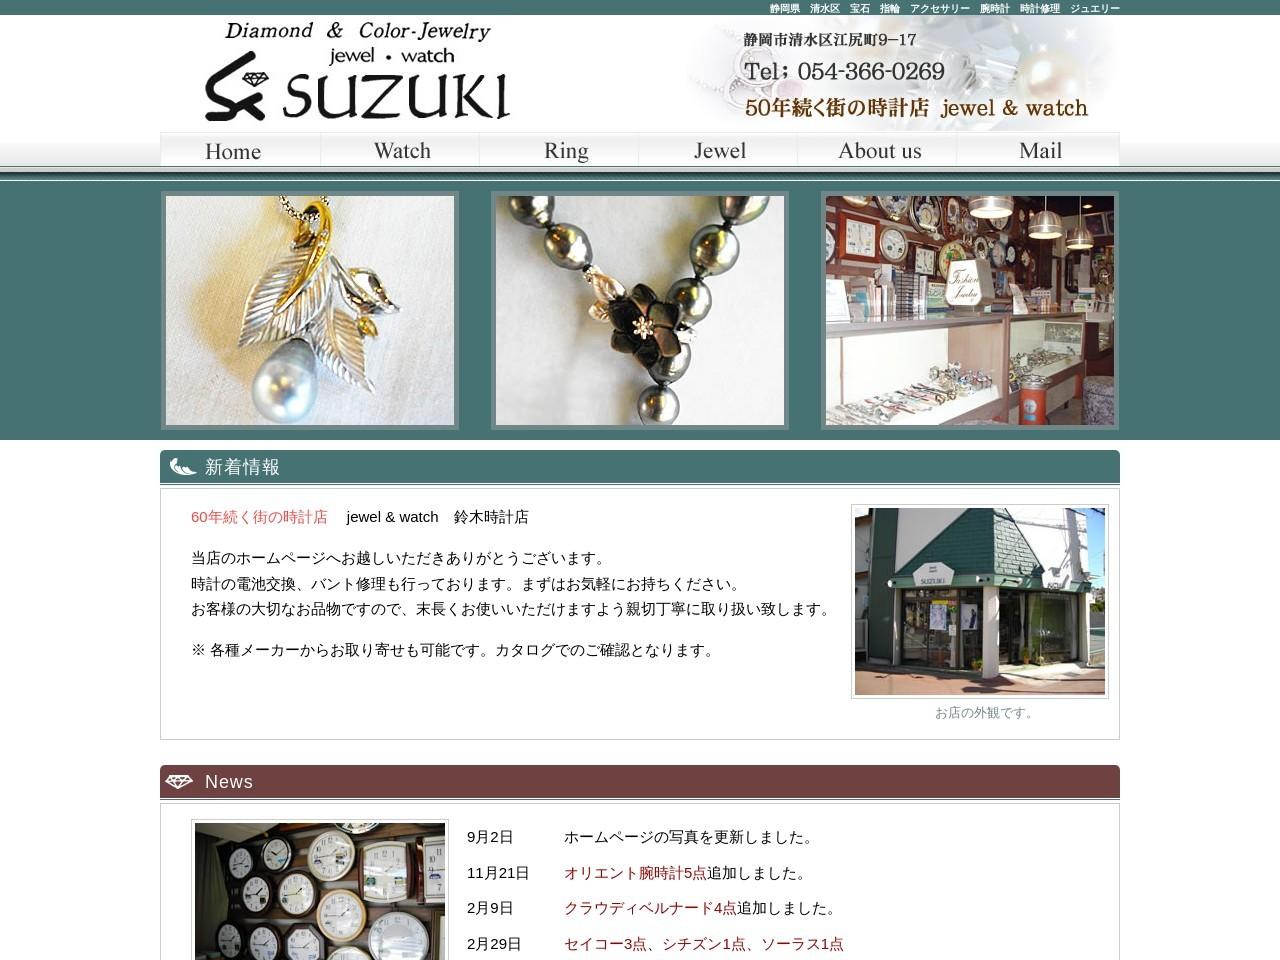 静岡県清水区の腕時計・修理・アクセサリーなら【鈴木時計店】